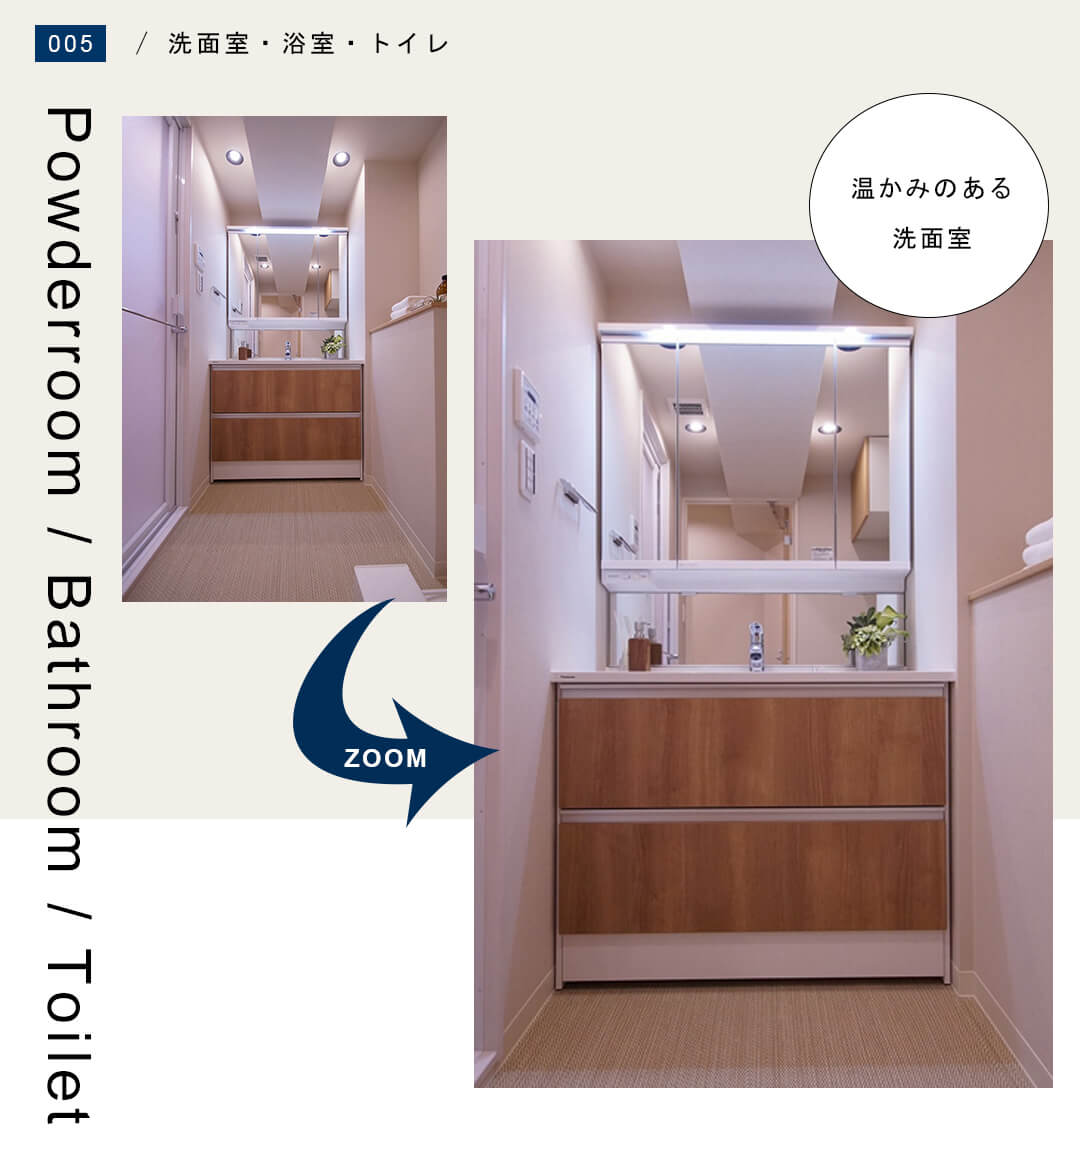 東建参宮橋マンション 706の洗面室